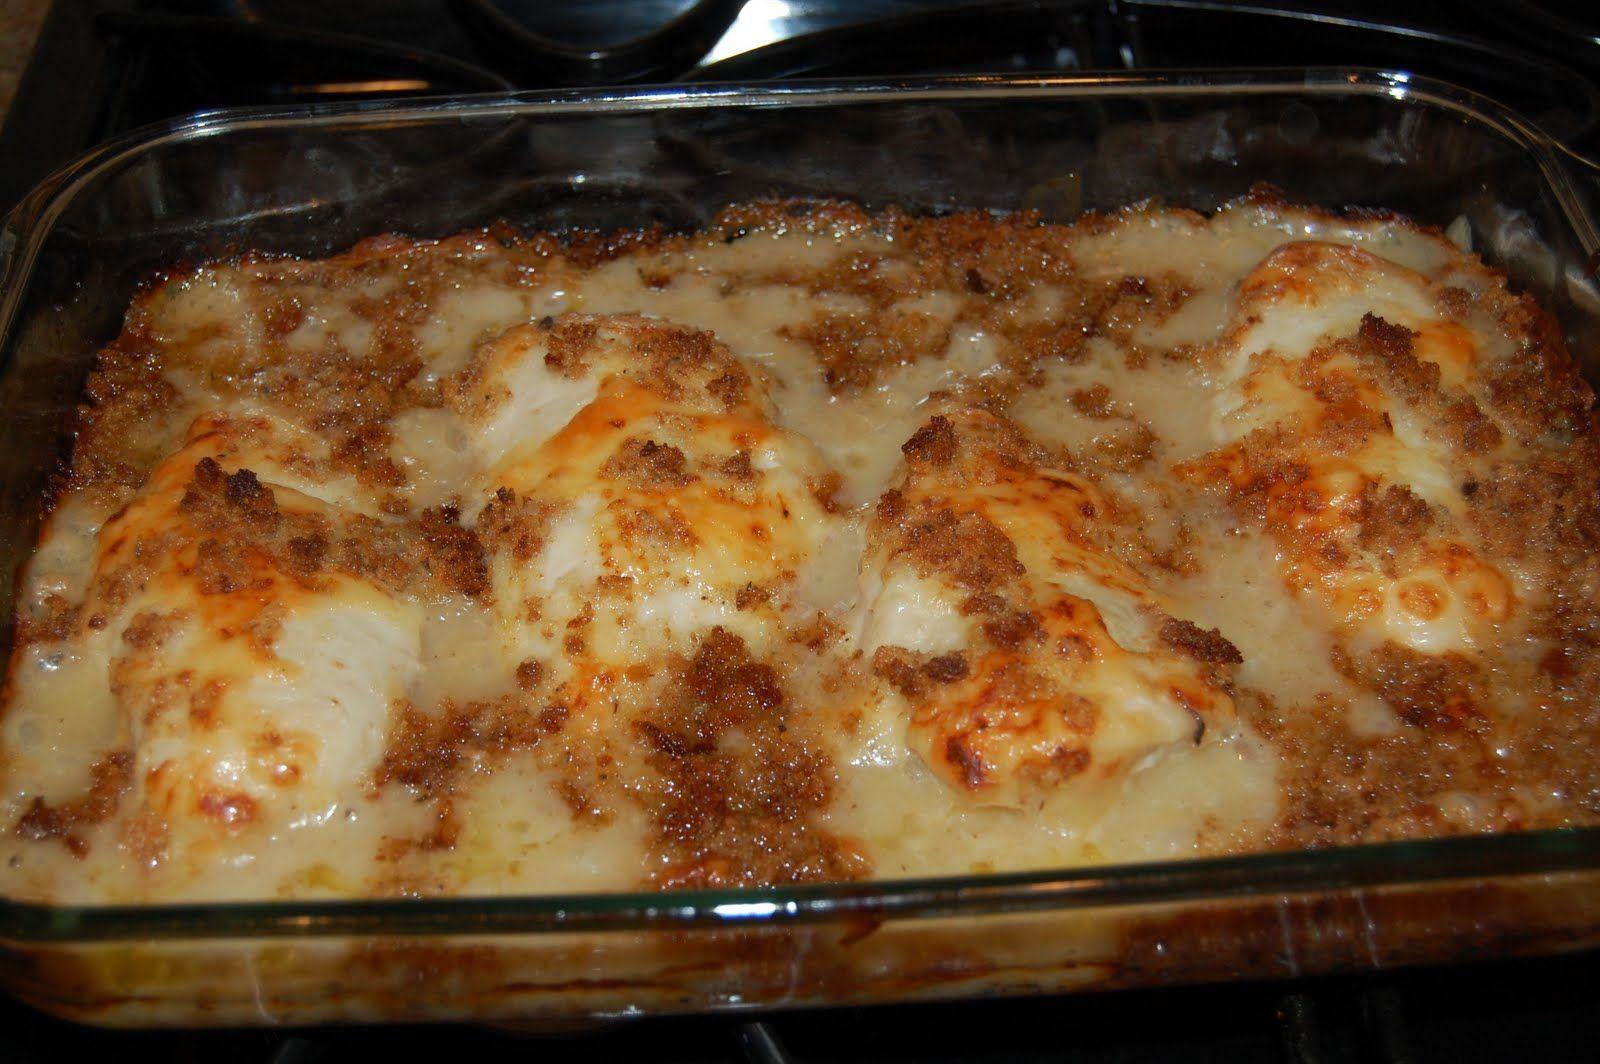 Baked Chicken Recipes Cream Of Mushroom